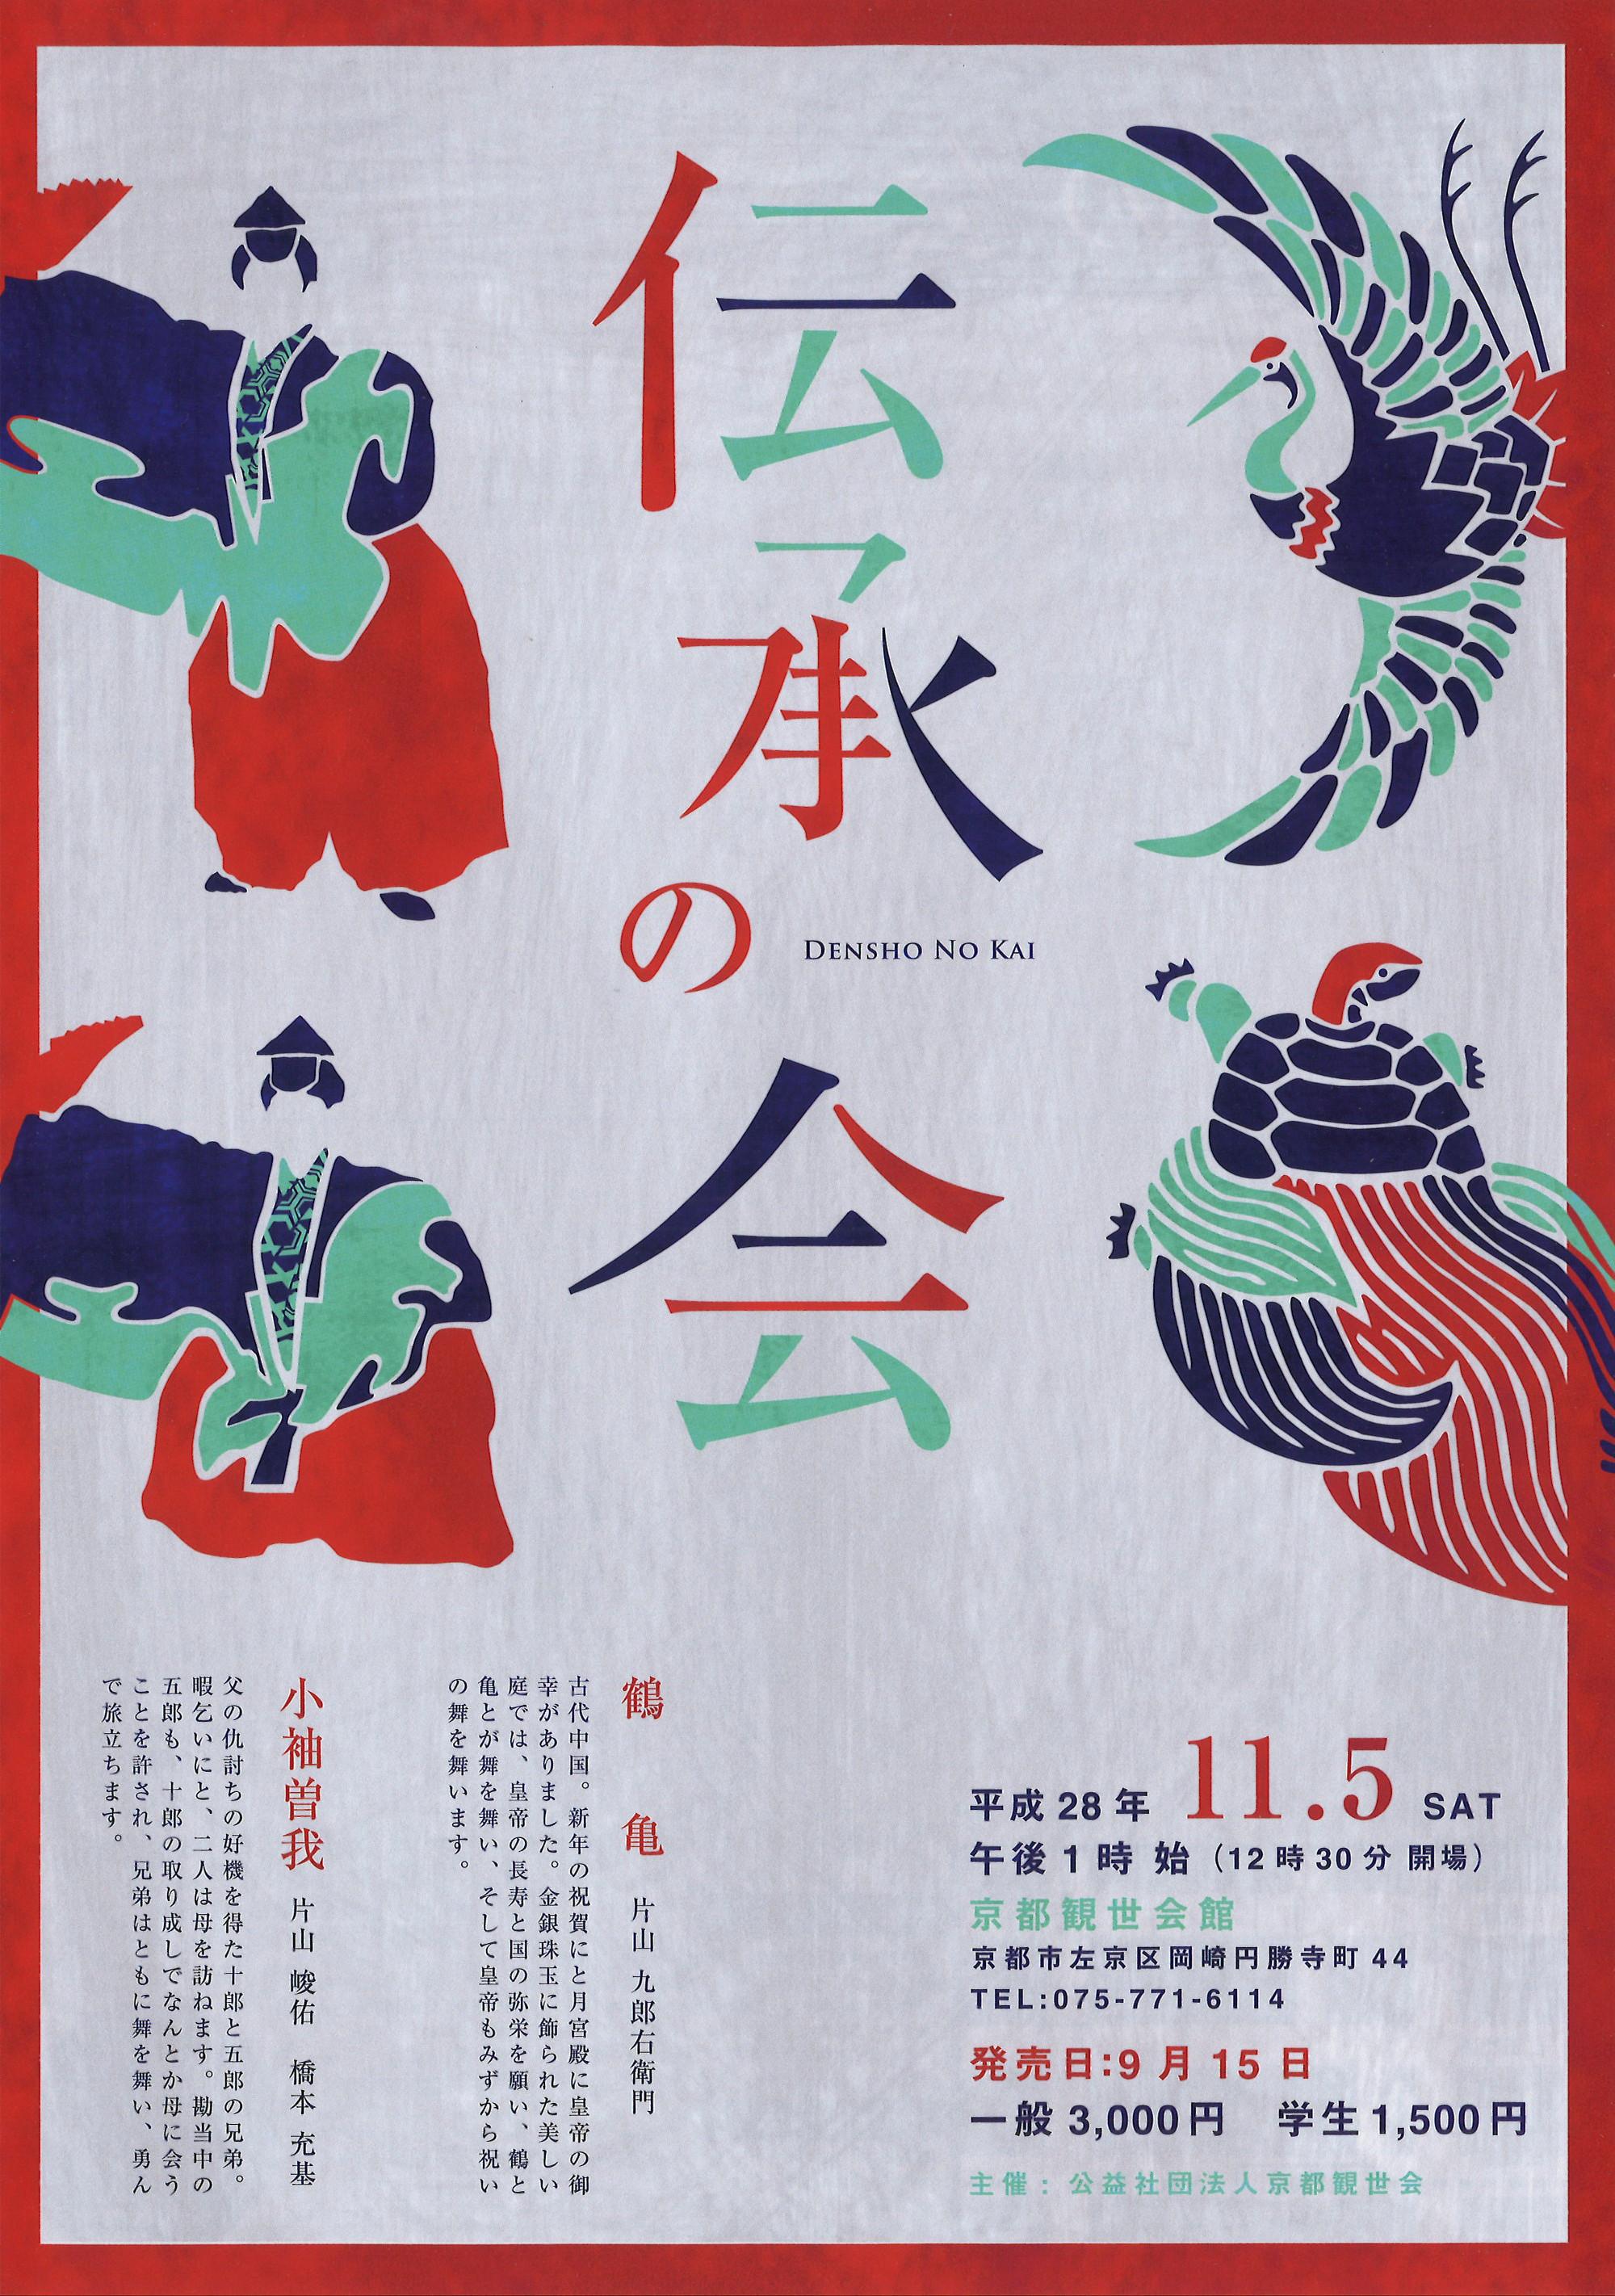 densho_no_kai_omote